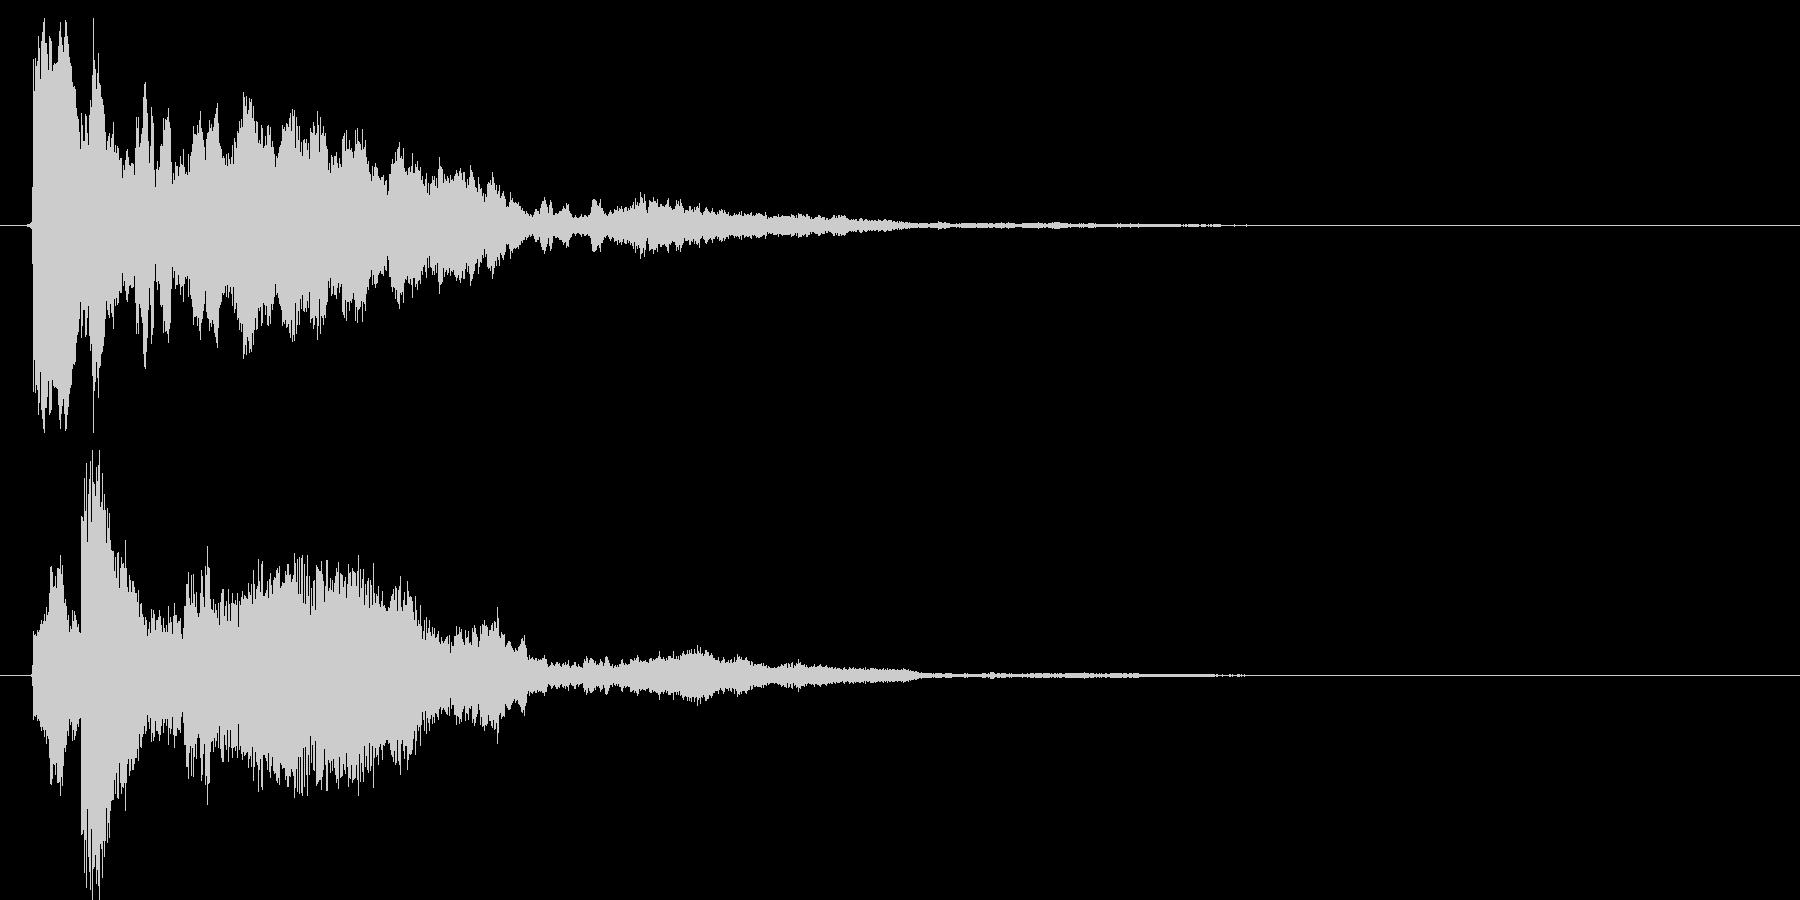 【SE】決定音02(ピローン↓)の未再生の波形